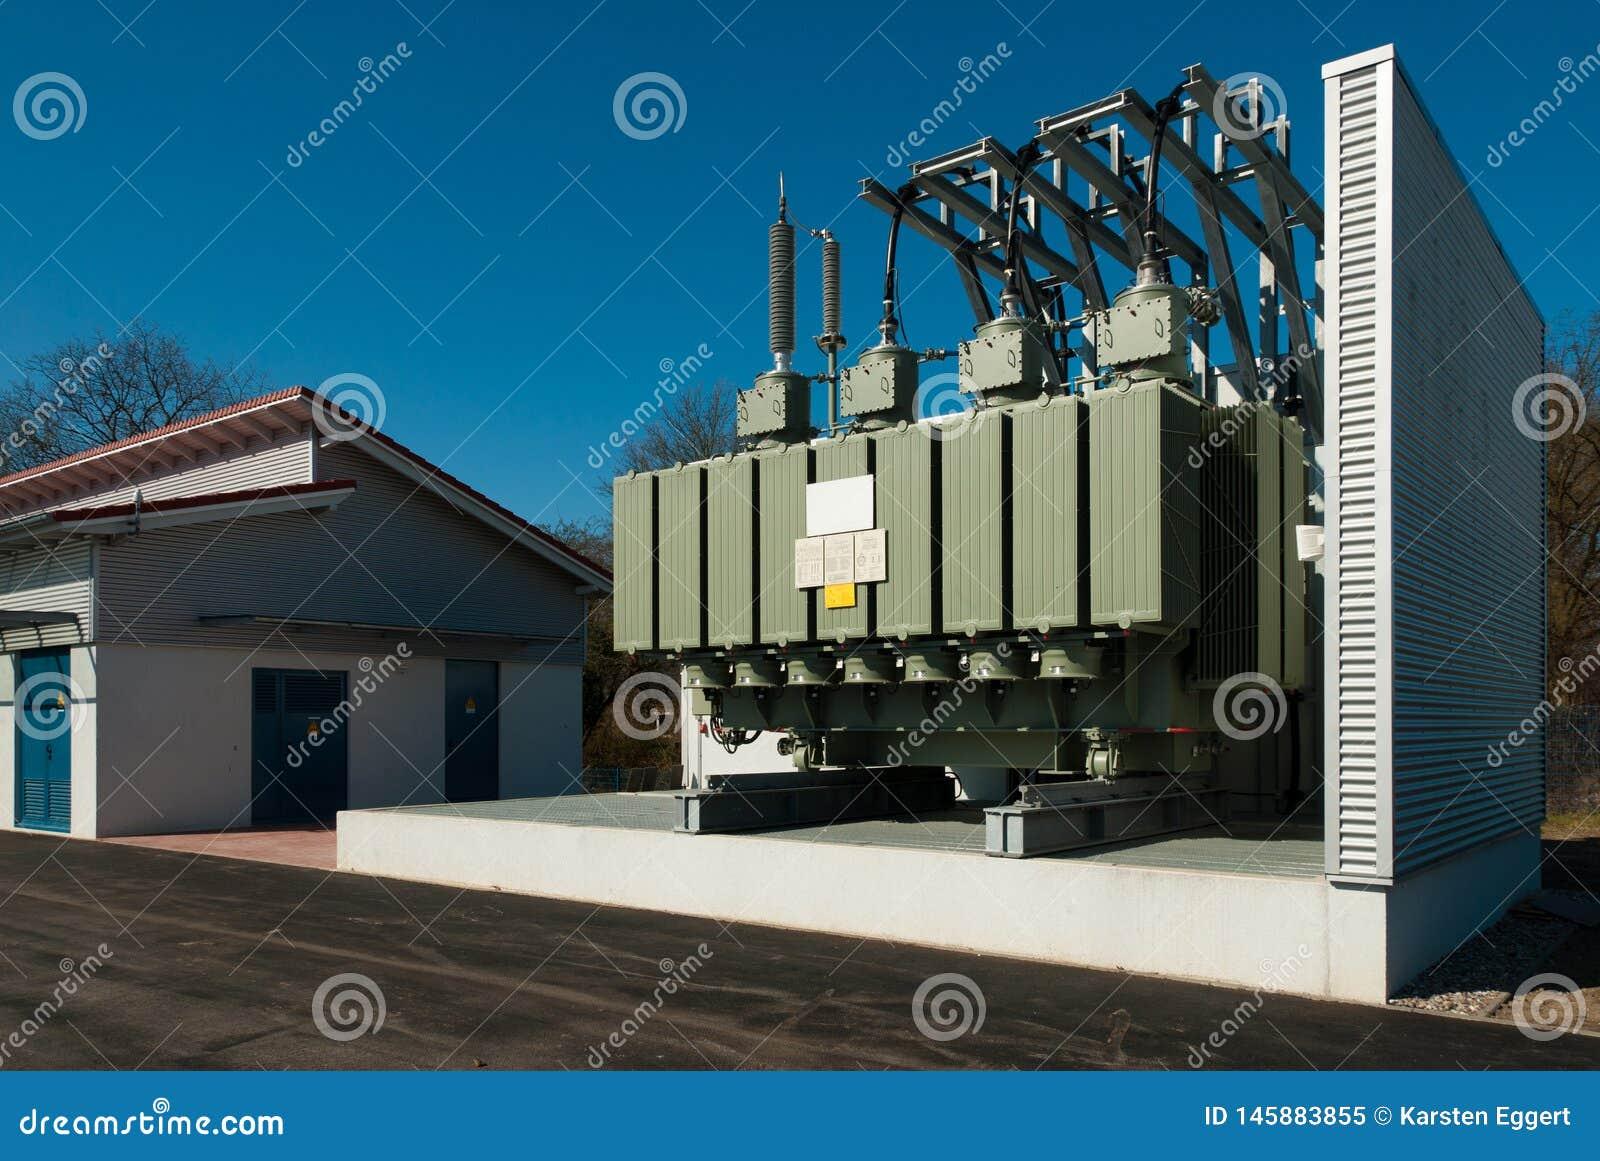 Transformatorstation liefert einen städtischen Bezirk mit Strom